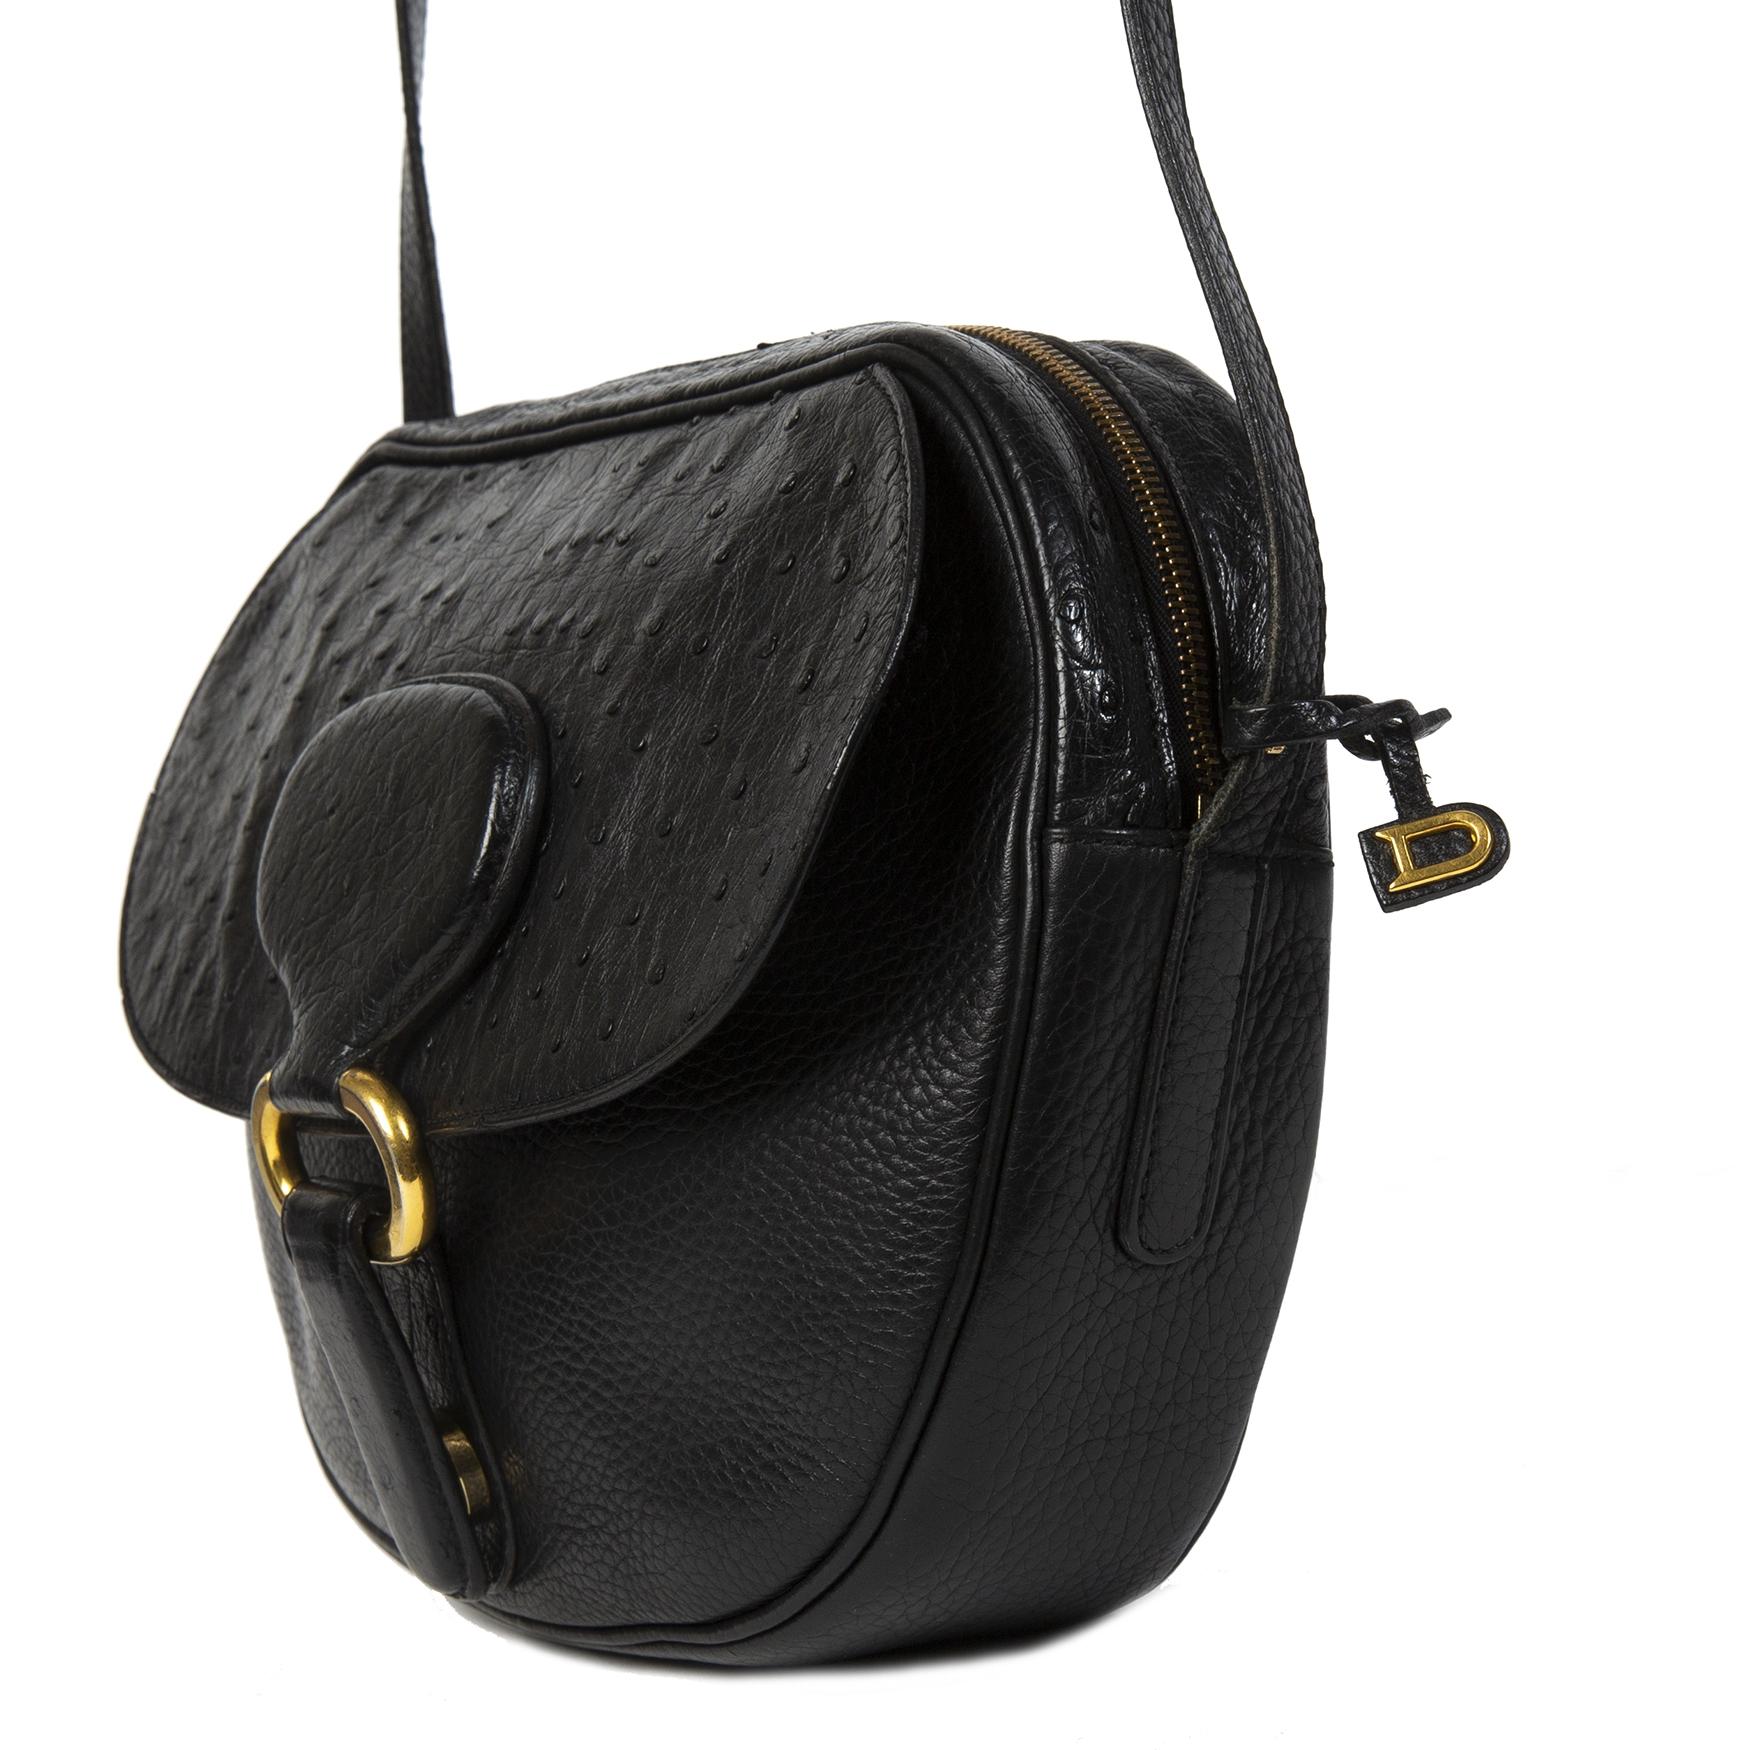 Authentieke tweedehands Delvaux Black Crossbody Bag Ostrich juiste prijs veilig online winkelen LabelLOV webshop luxe merken winkelen Antwerpen België mode fashion